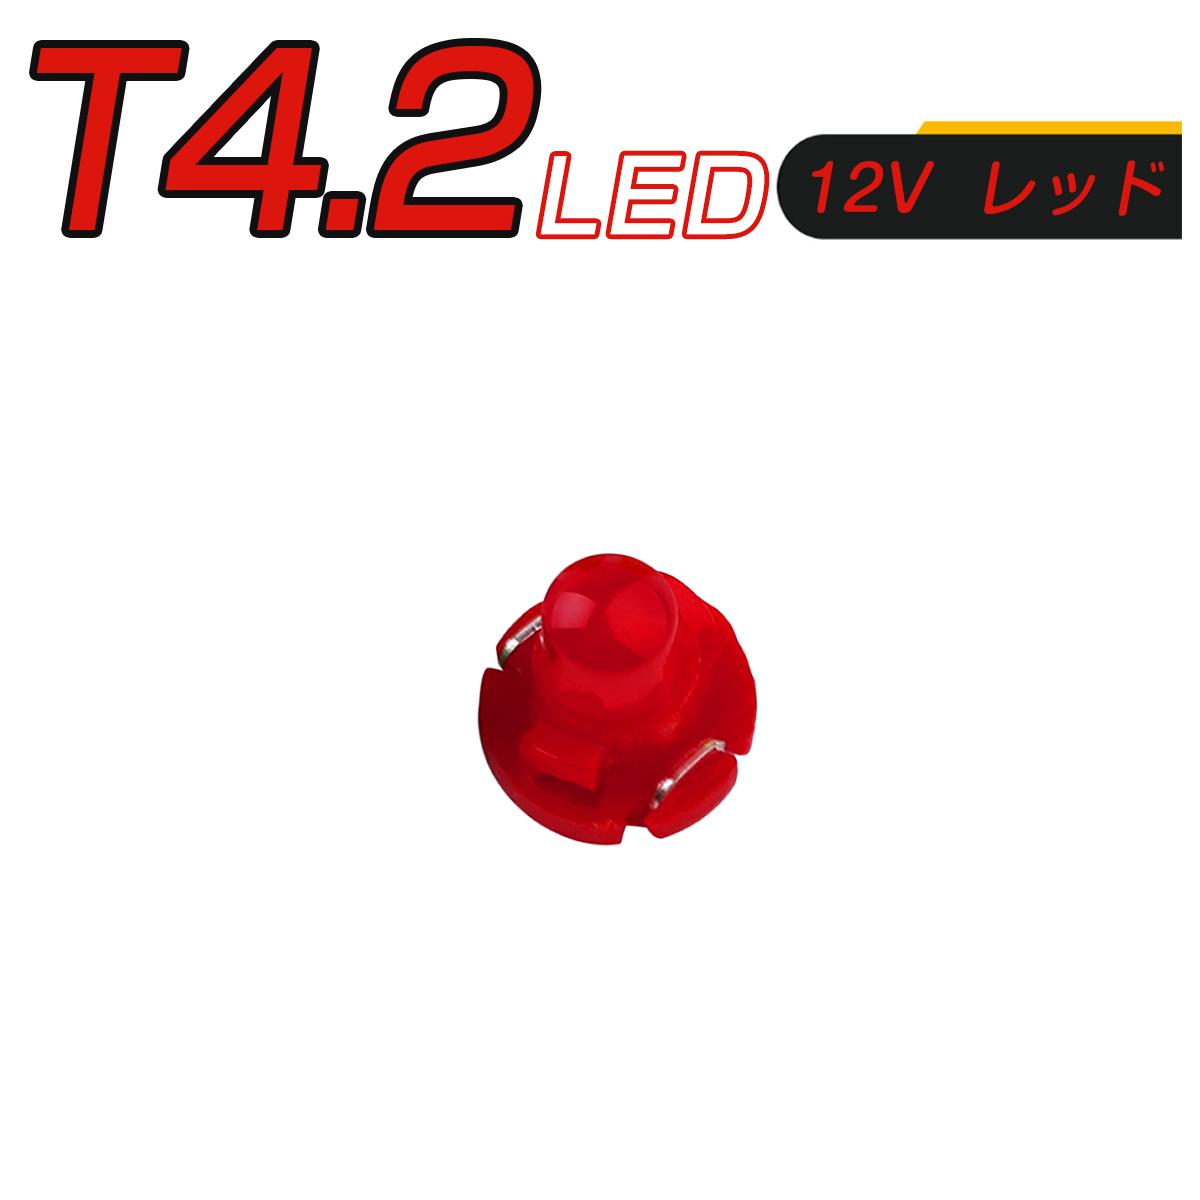 LED T4.2 SMD 赤 メーター球 タコランプ インジケーター エアコンパネル 超拡散 全面発光 2個セット SDM便送料無料 1ヶ月保証